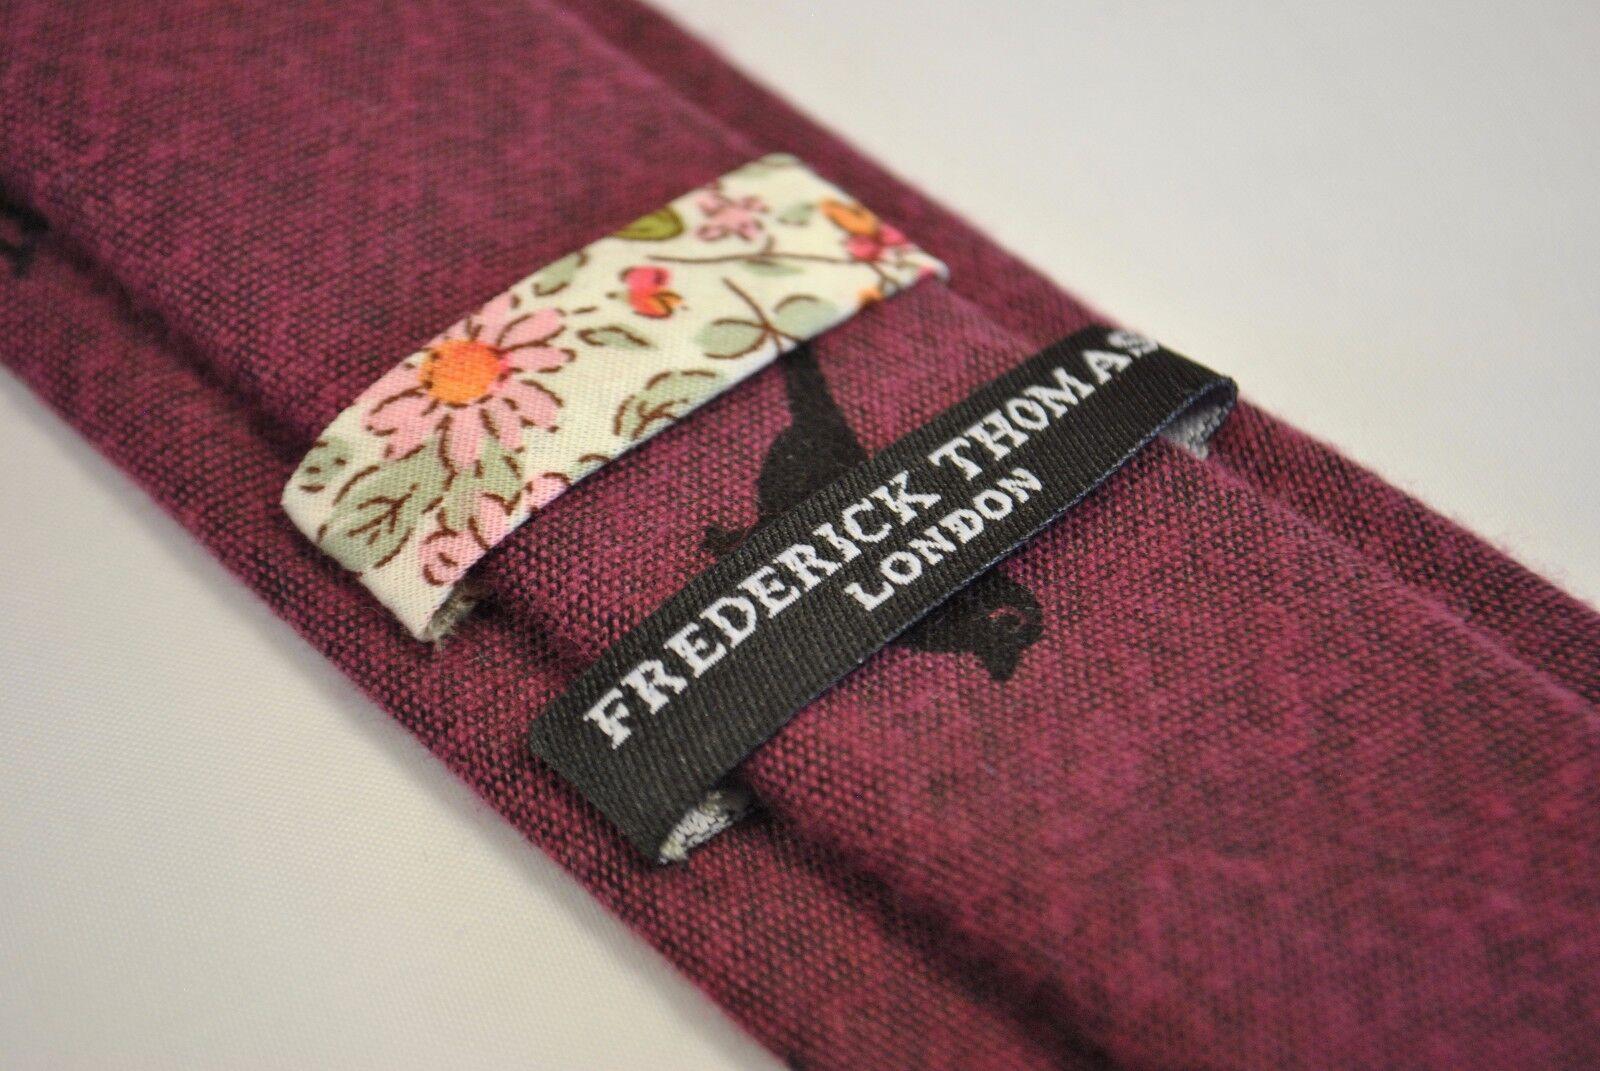 Frederick Thomas grey tie with bird design 100/% cotton FT2172 RRP £19.99